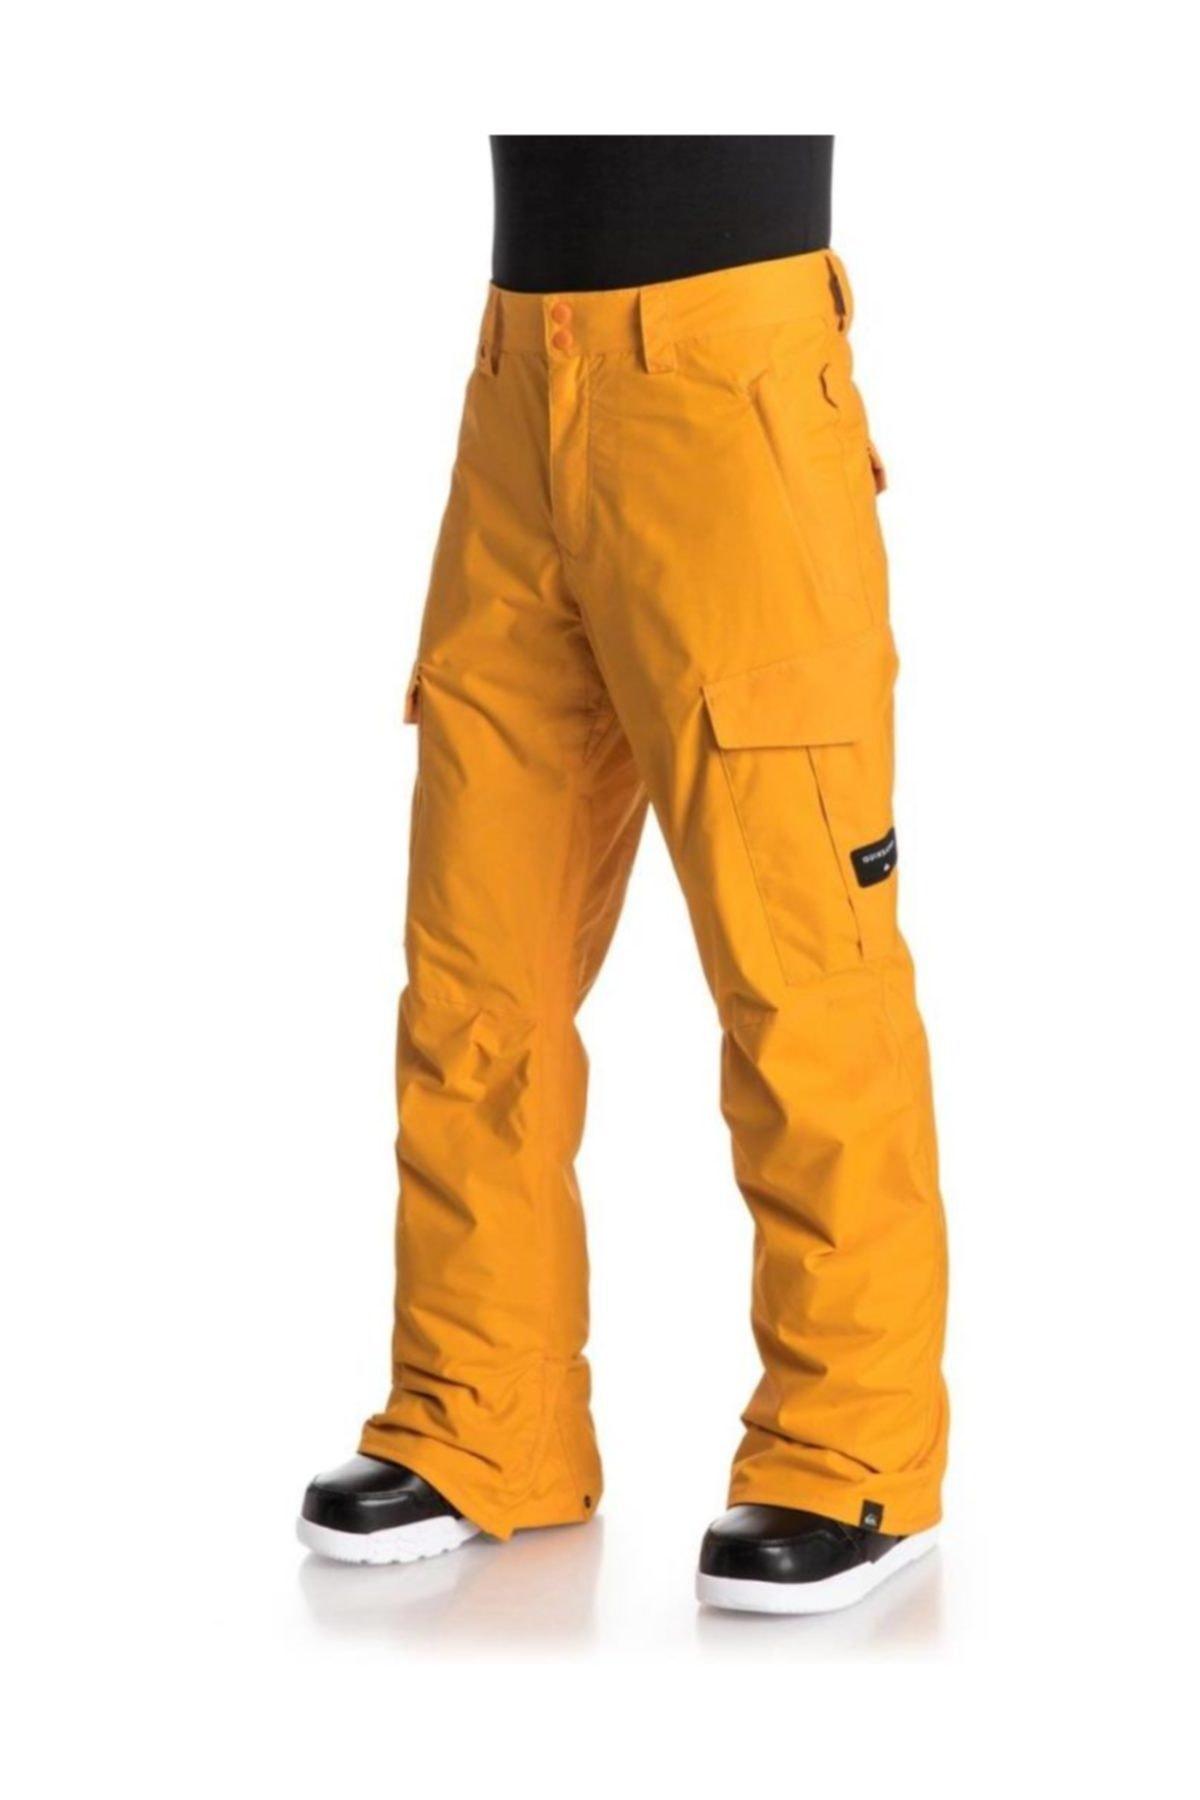 Quiksilver Porter Ins Erkek Kayak ve Snowboard Pantolonu Sarı 2